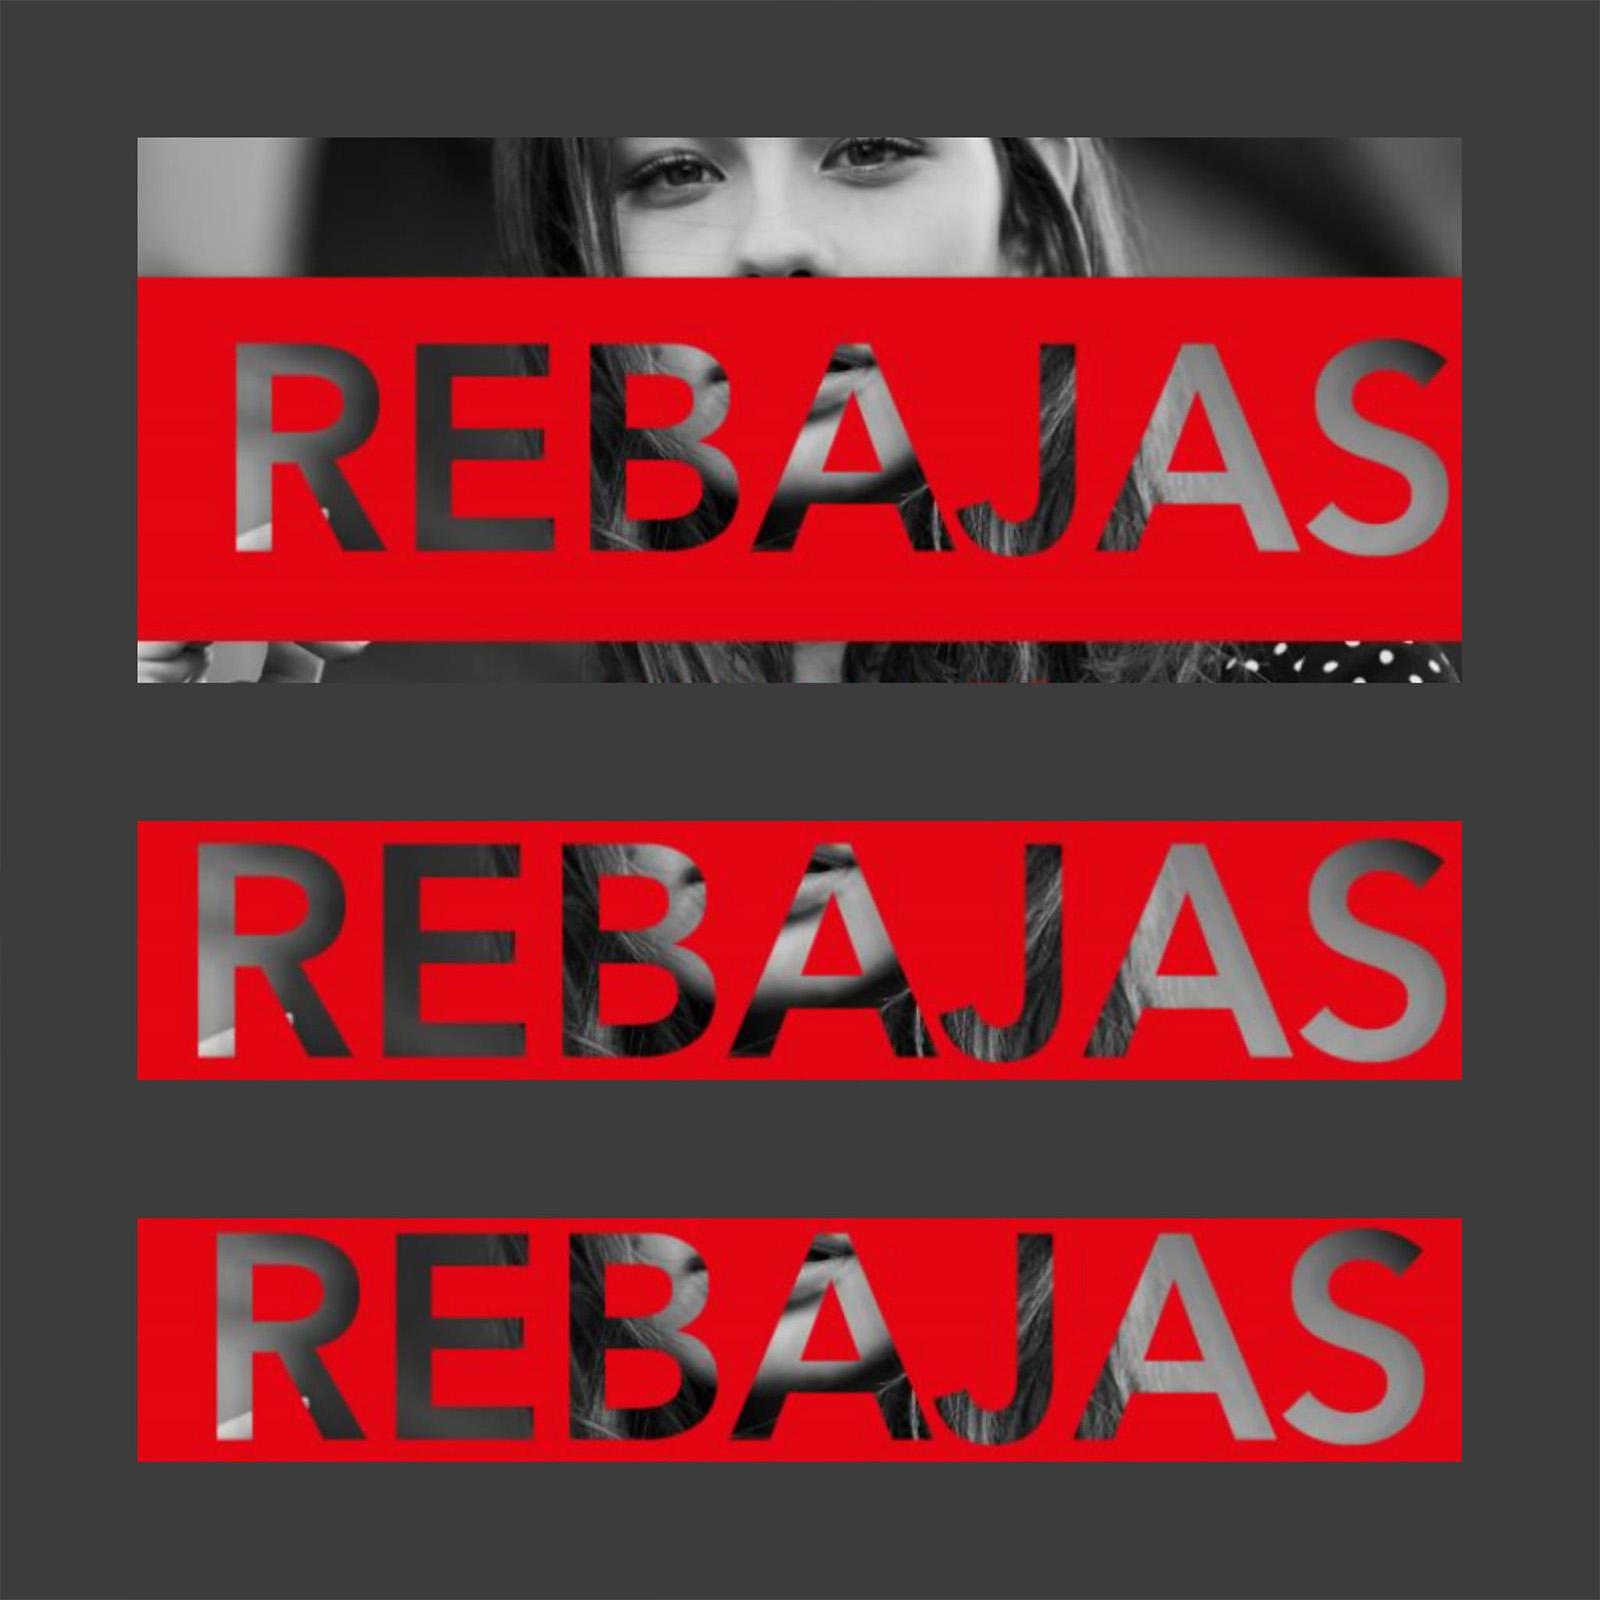 rebajas_1